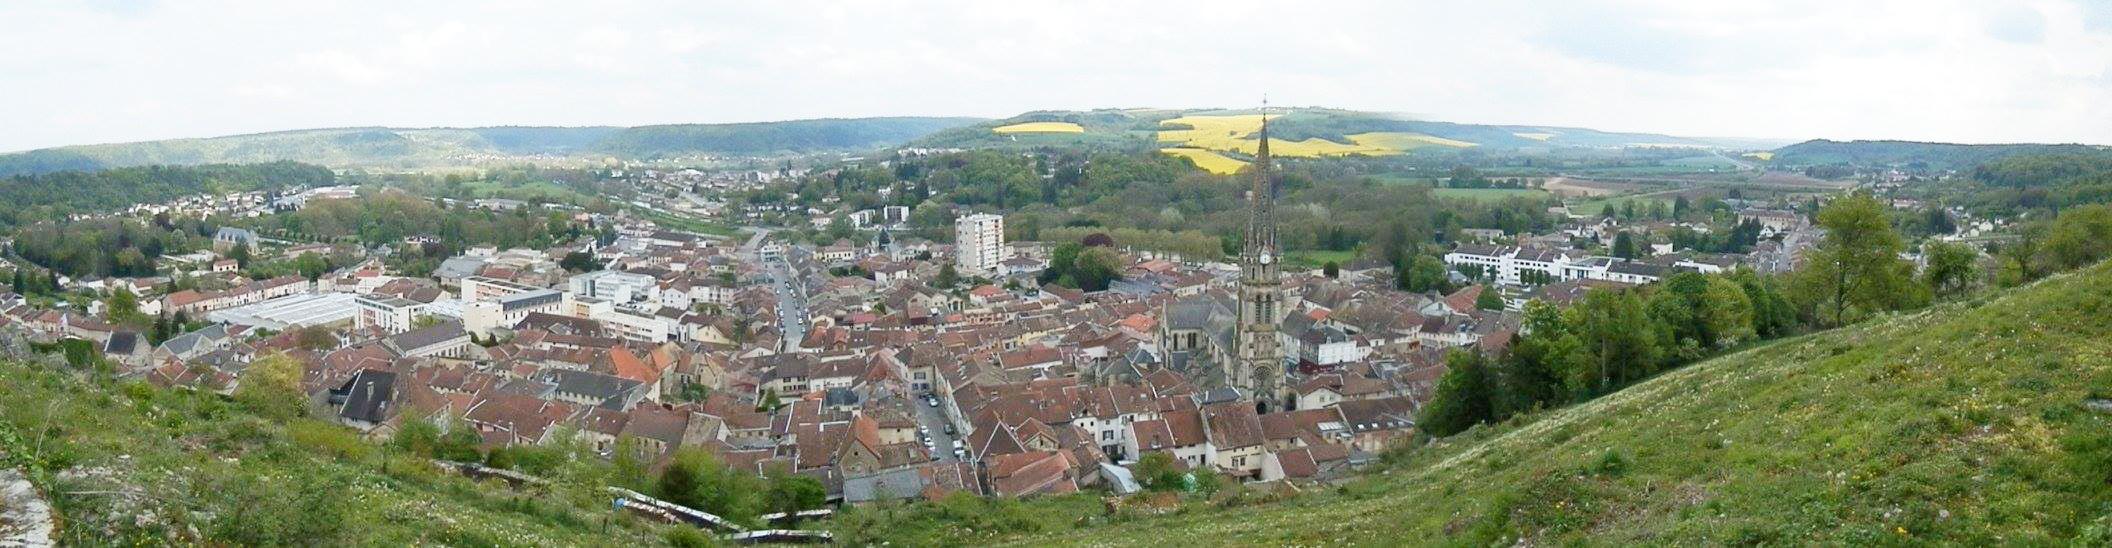 Ville de Joinville